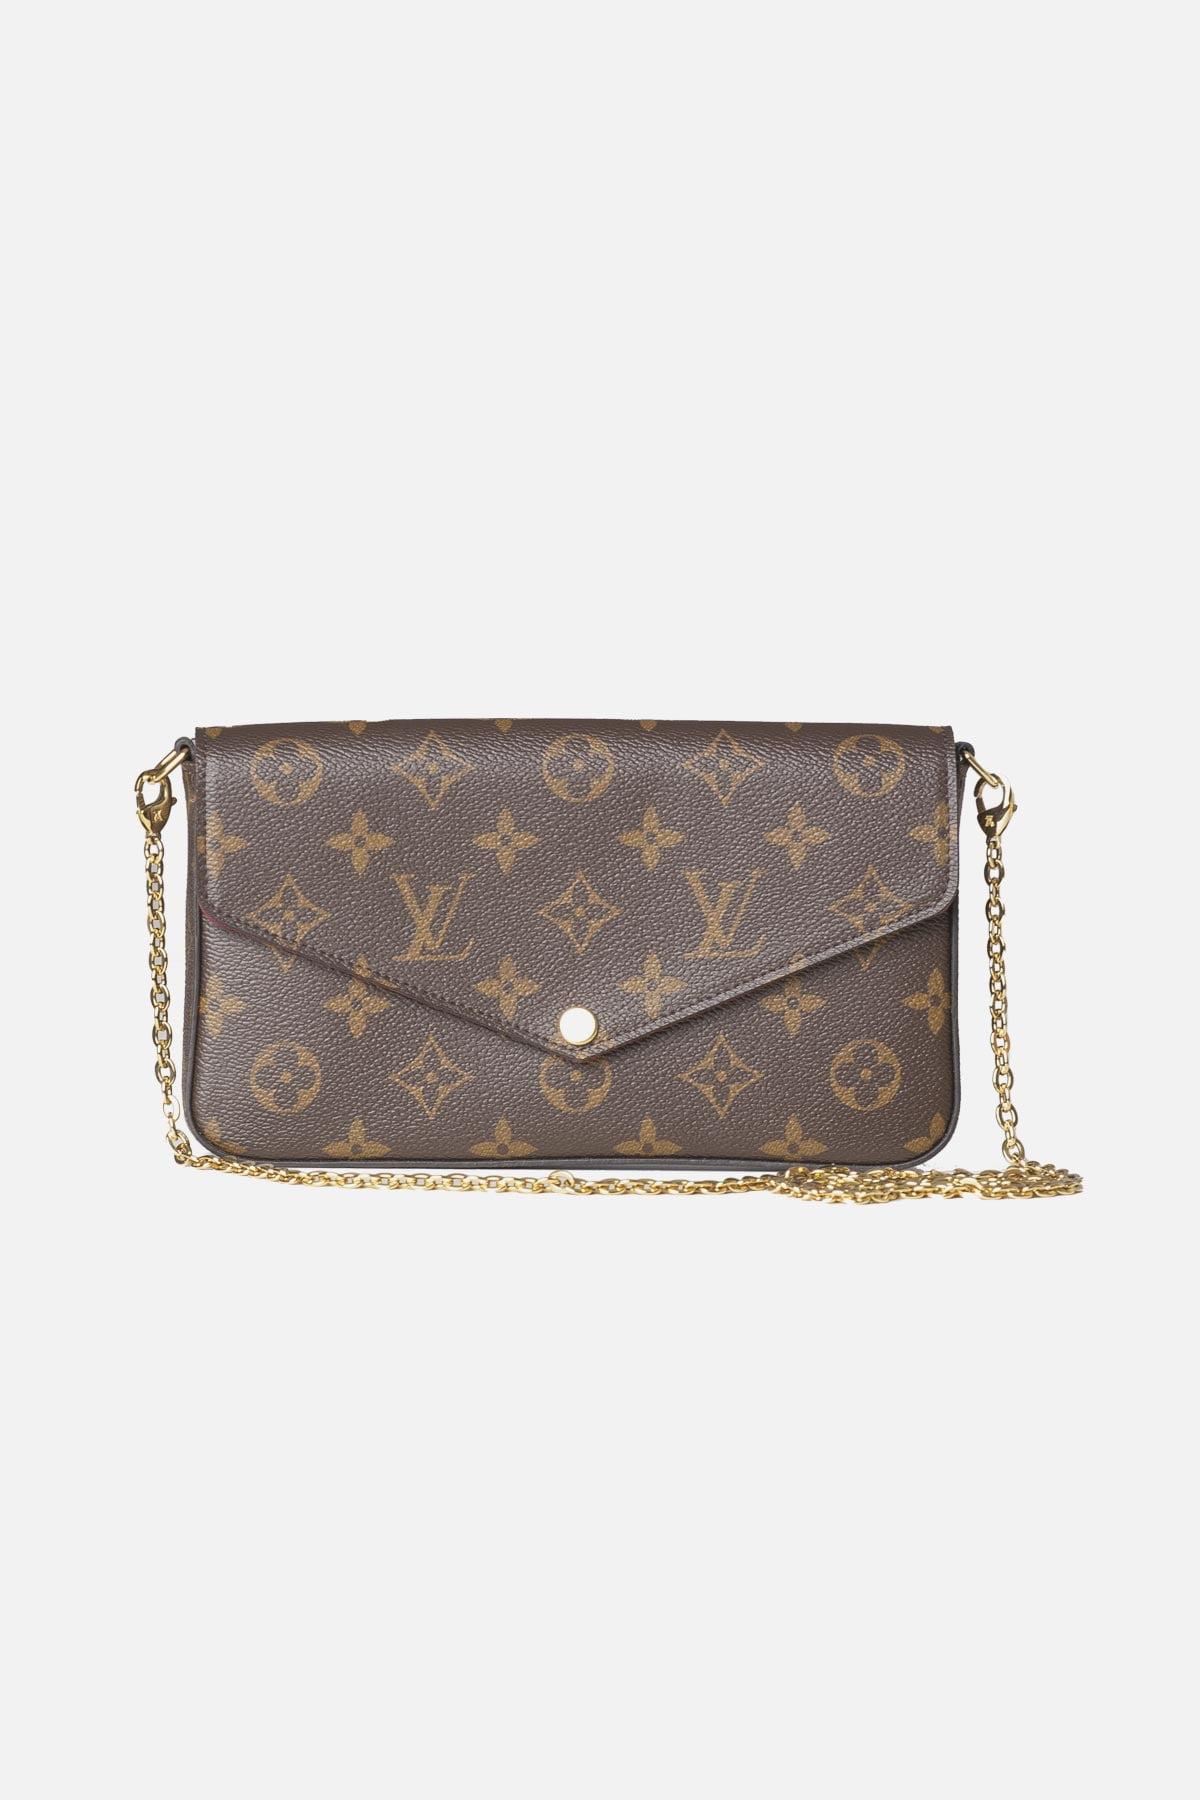 Louis Vuitton Pochette Félicie REWAY 1